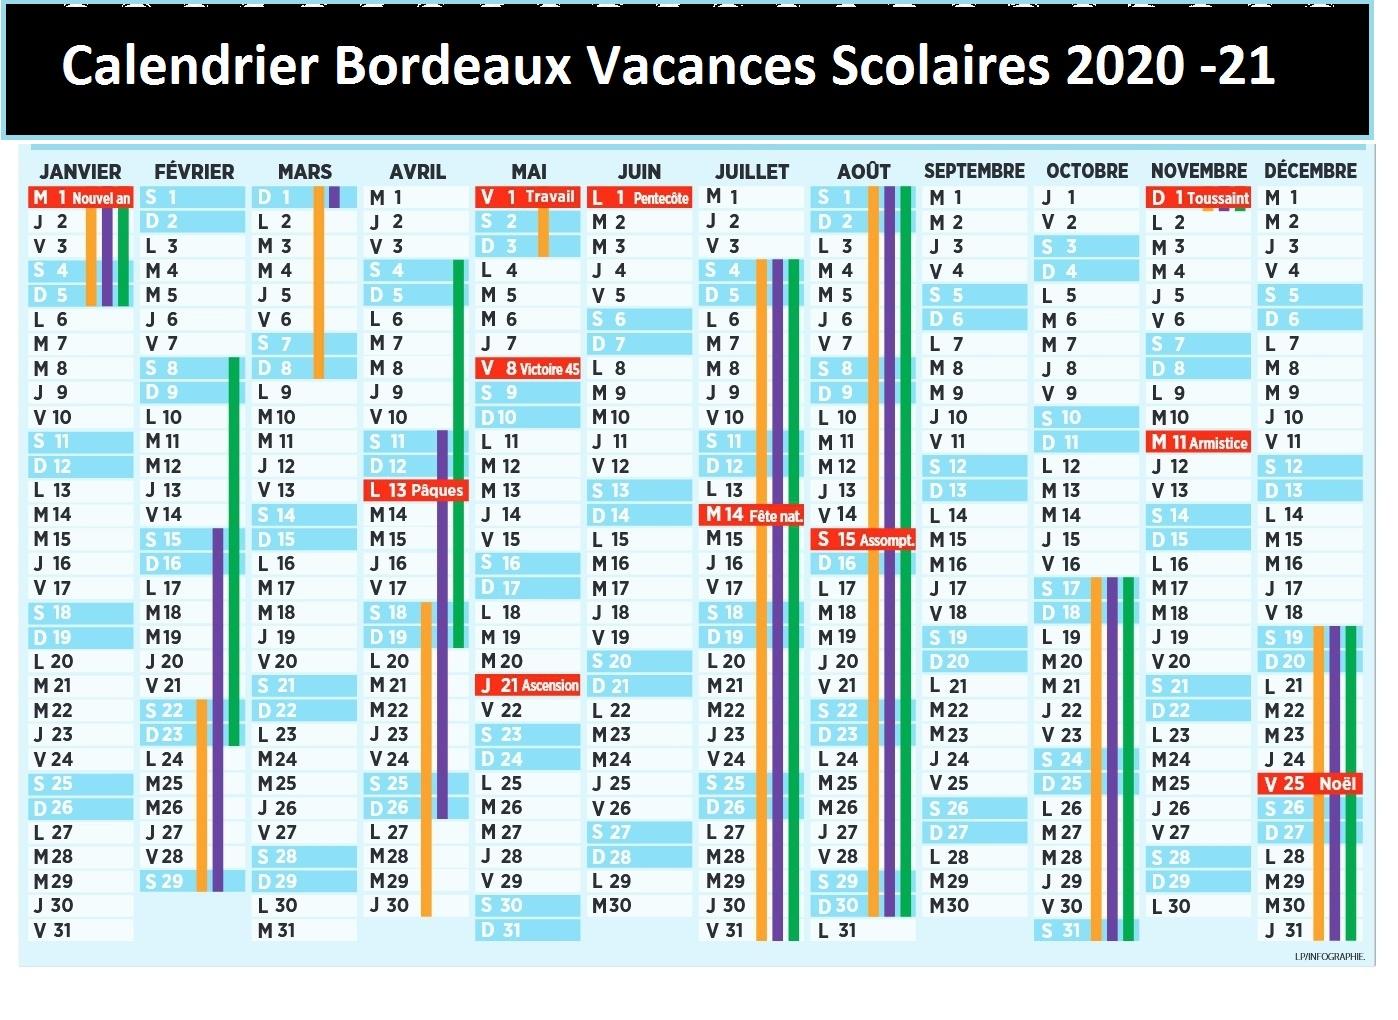 Calendrier Scolaire 2021 Bordeaux Calendrier Scolaire 2020 2021 en Bordeaux | Calendrier 2020